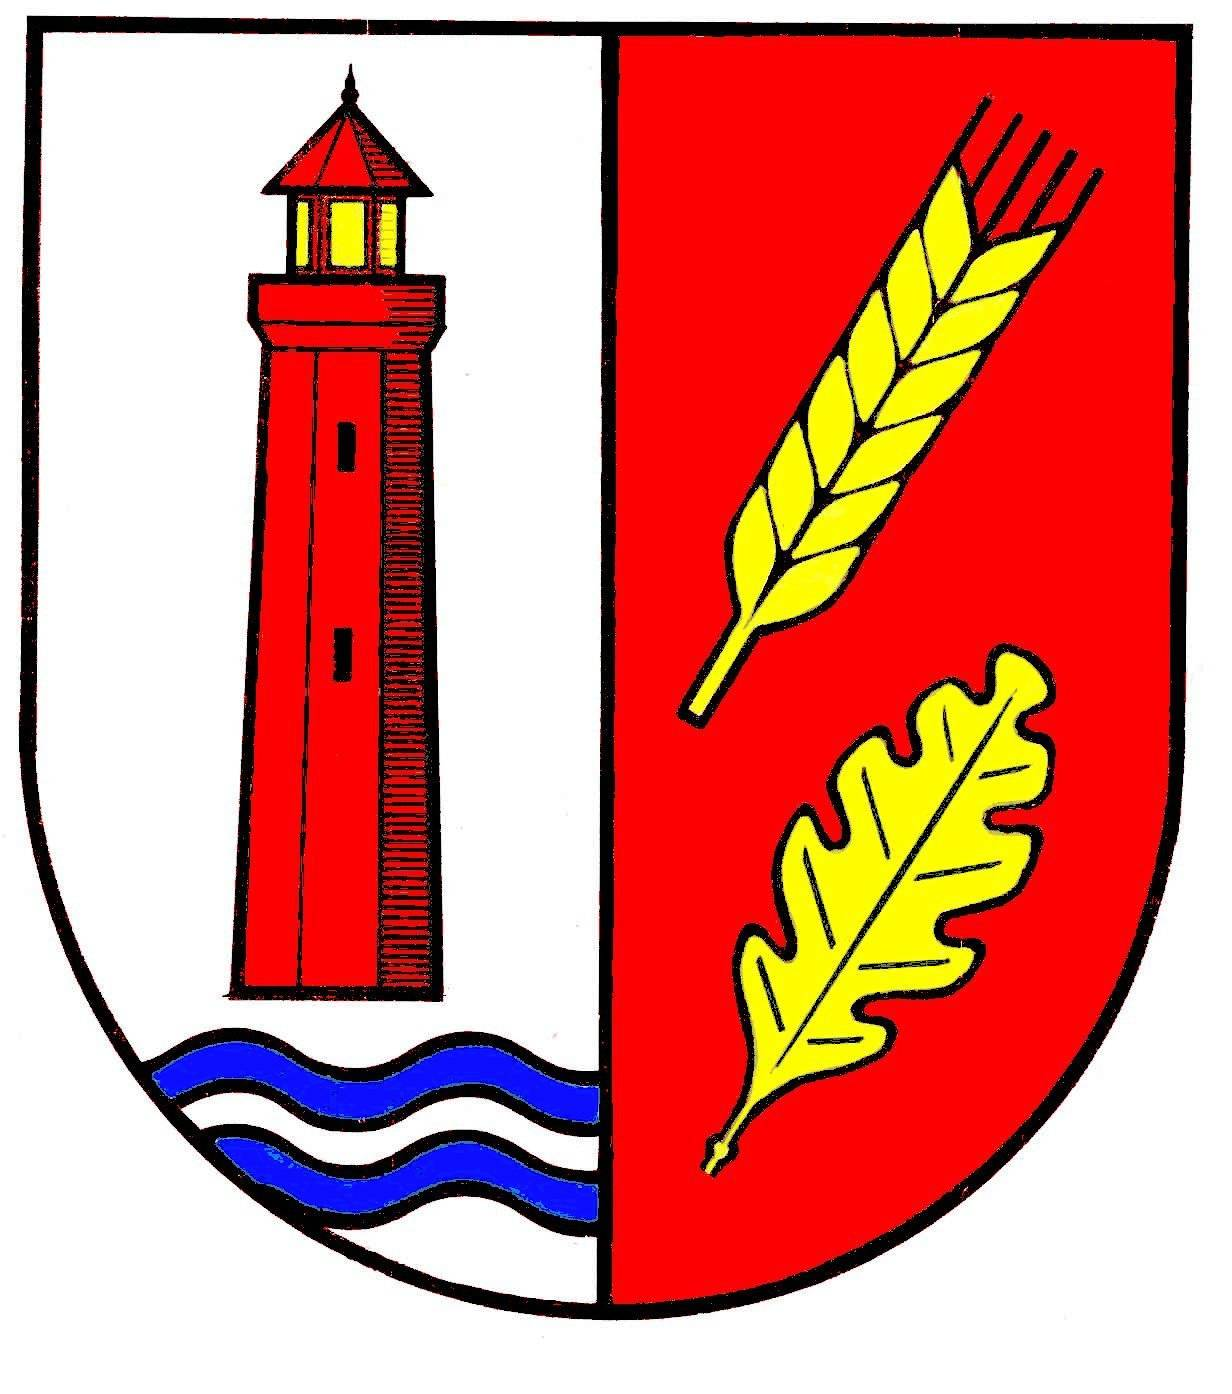 Wappen GemeindeBehrensdorf, Kreis Plön